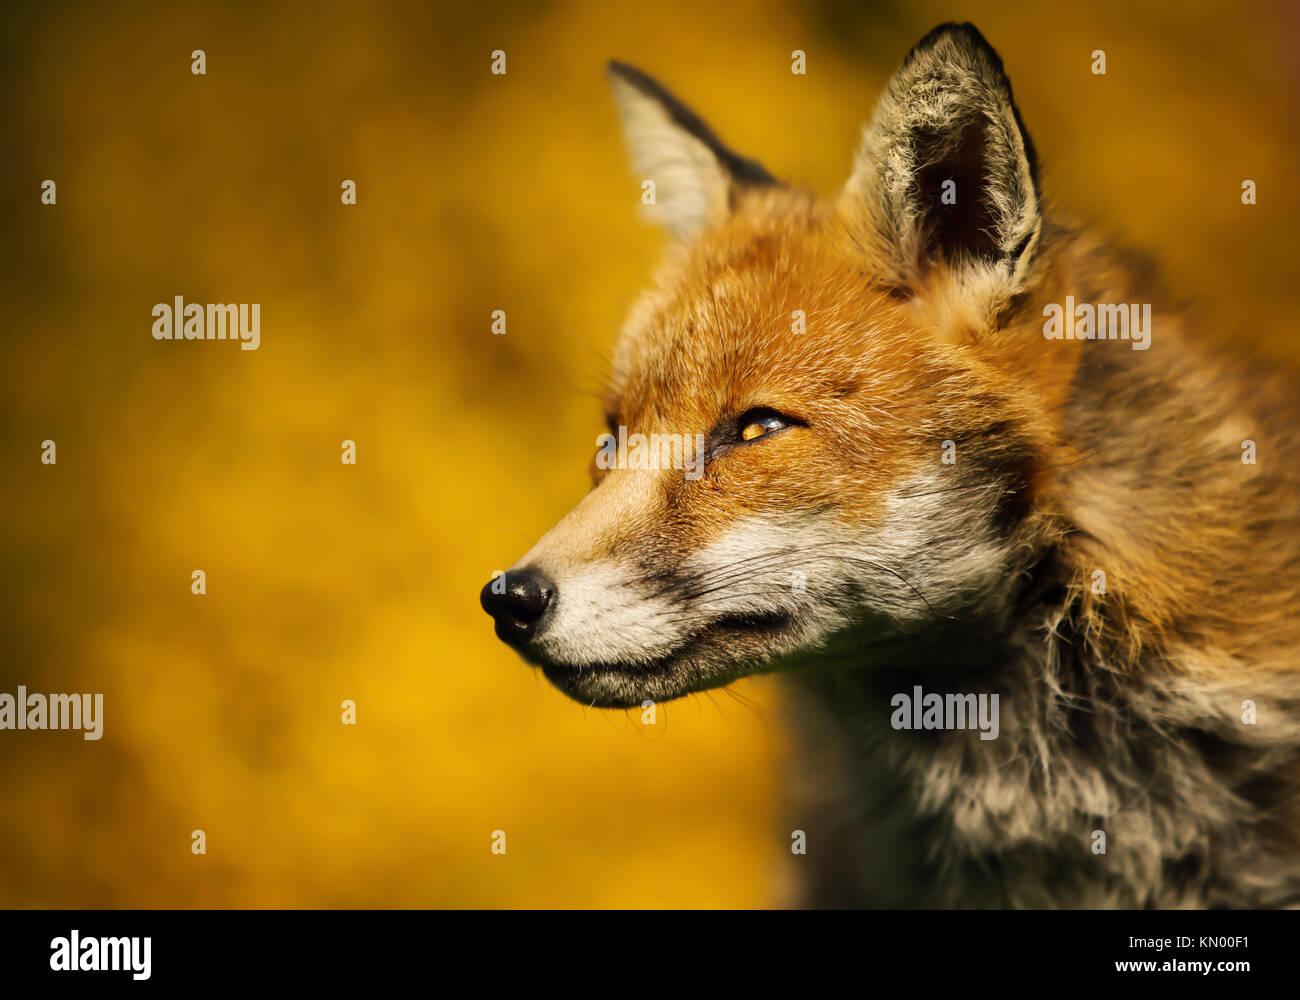 Isolato in prossimità di un adulto red fox ritratto contro lo sfondo colorato, REGNO UNITO Immagini Stock